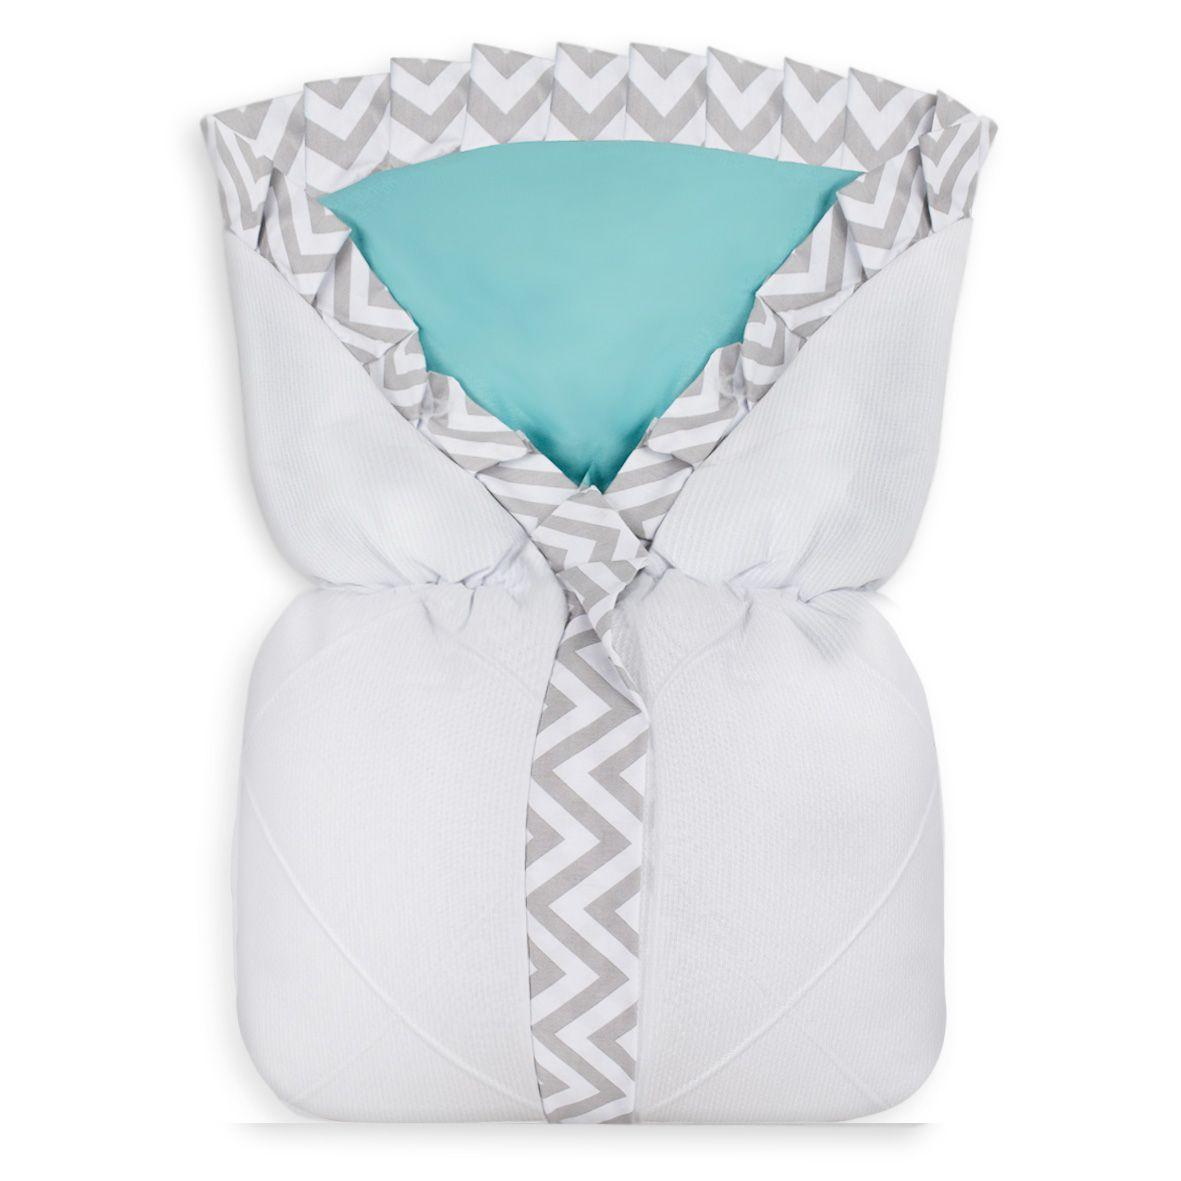 Saco de Bebê 100% Alg. - Nervura Chevron Tiffany